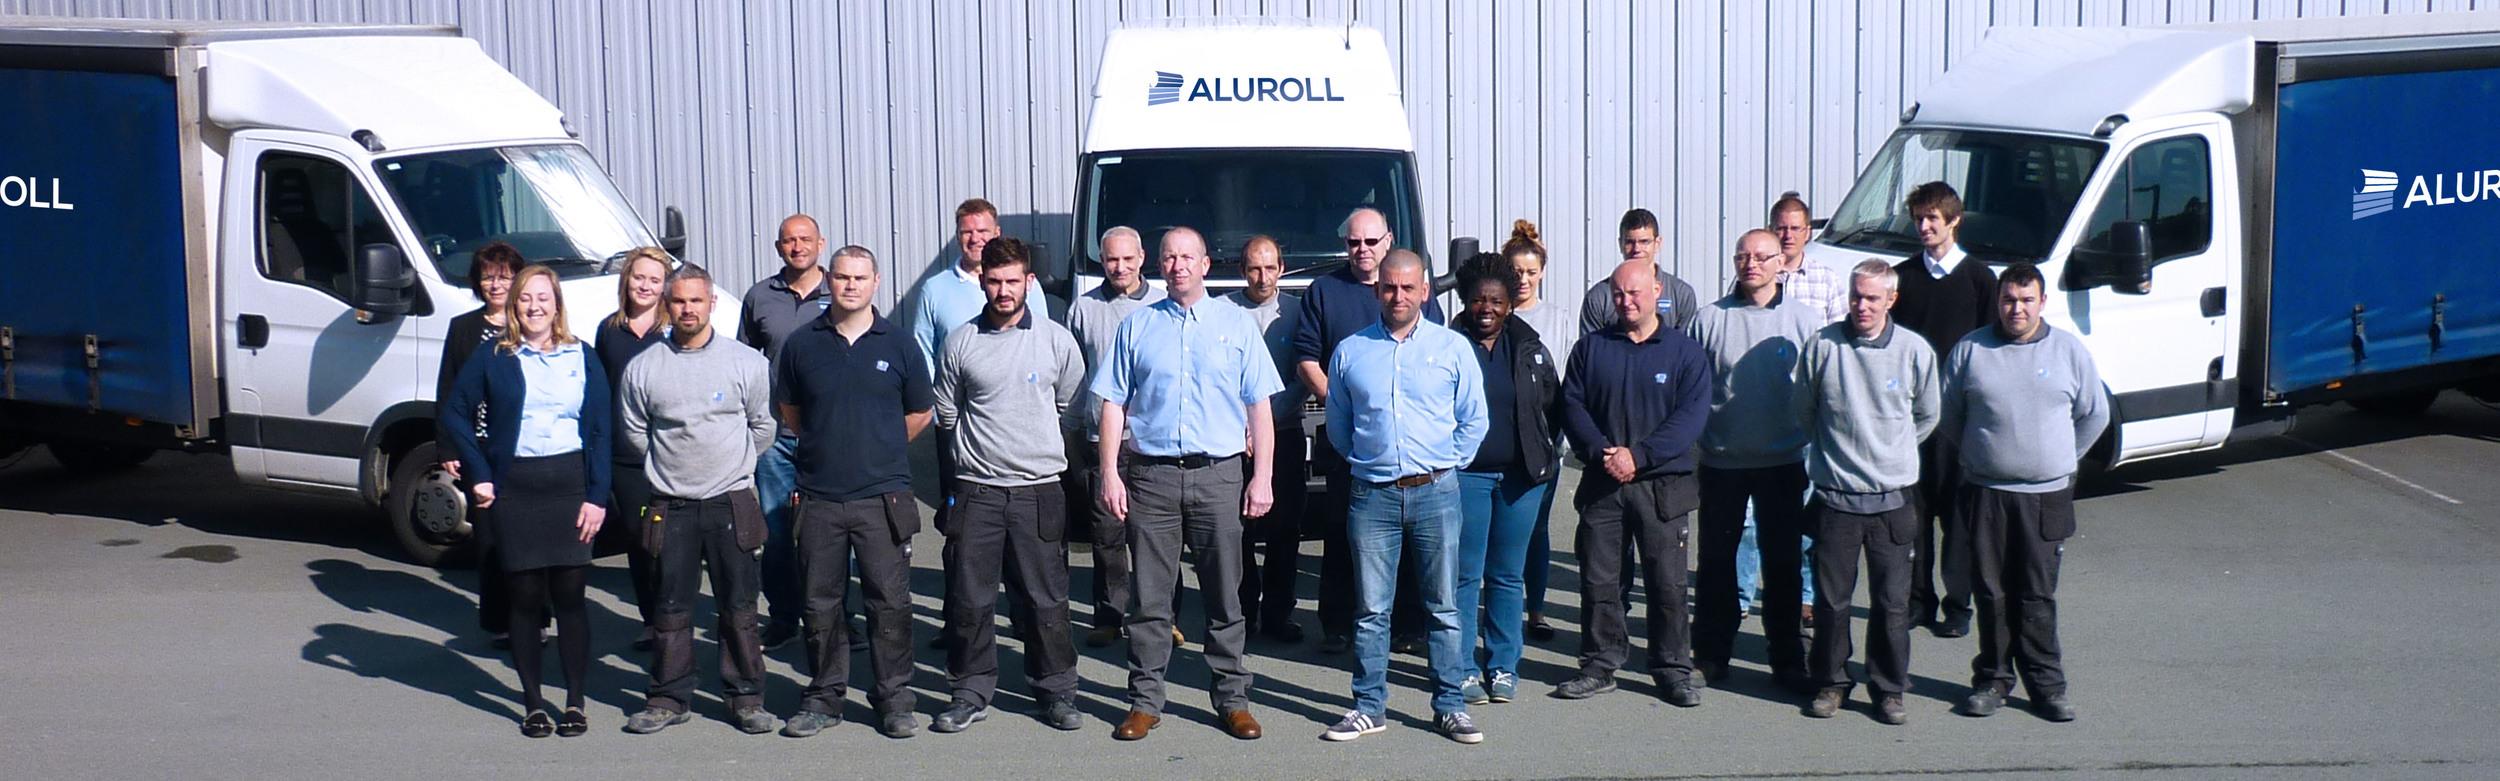 aluroll-roller-shutter-team